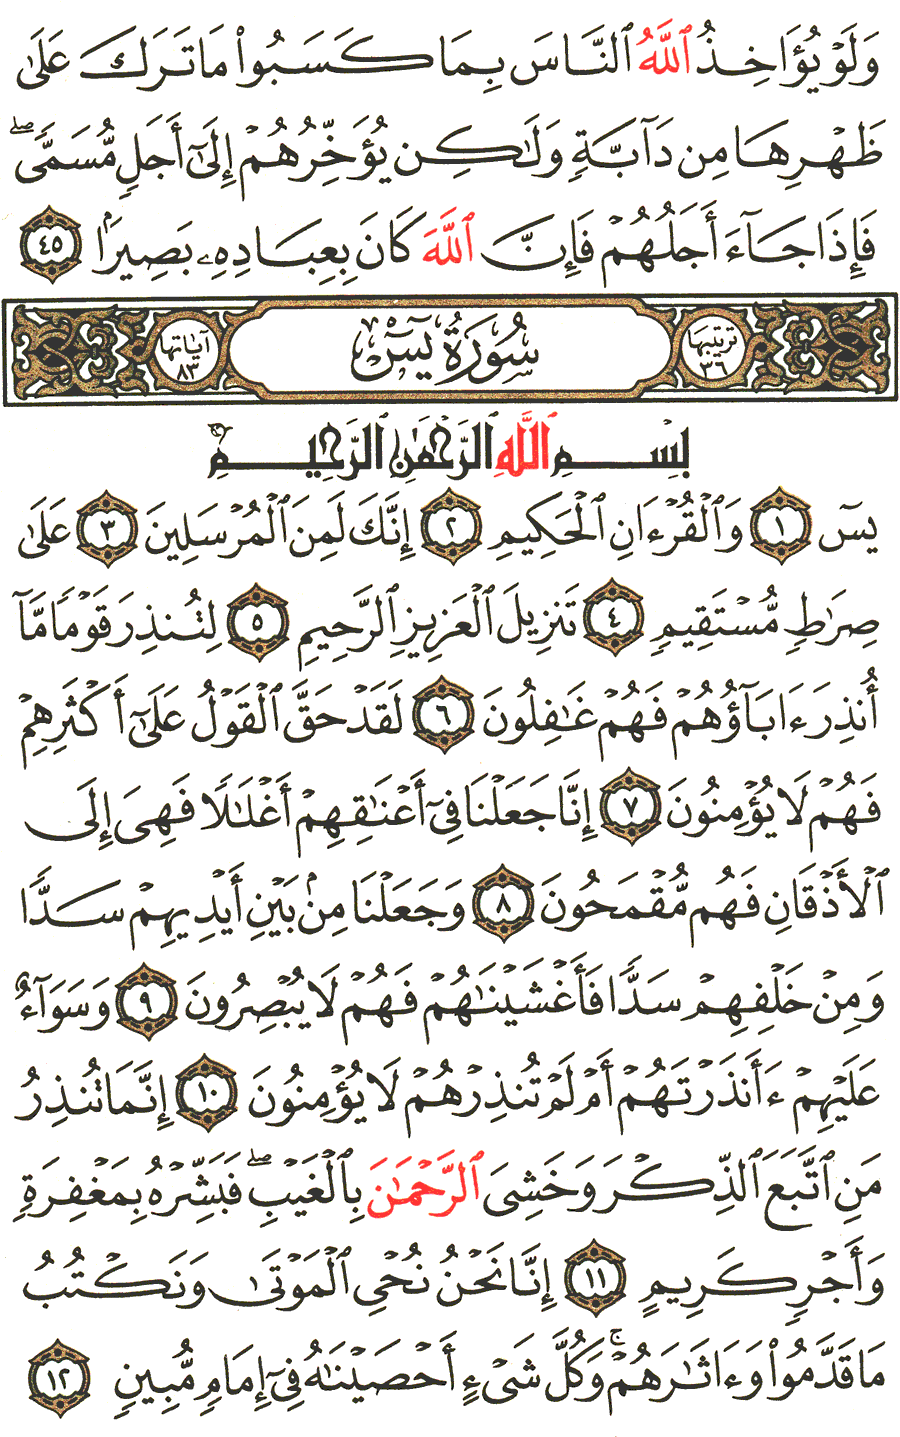 الصفحة رقم 440 من القرآن الكريم مكتوبة من المصحف